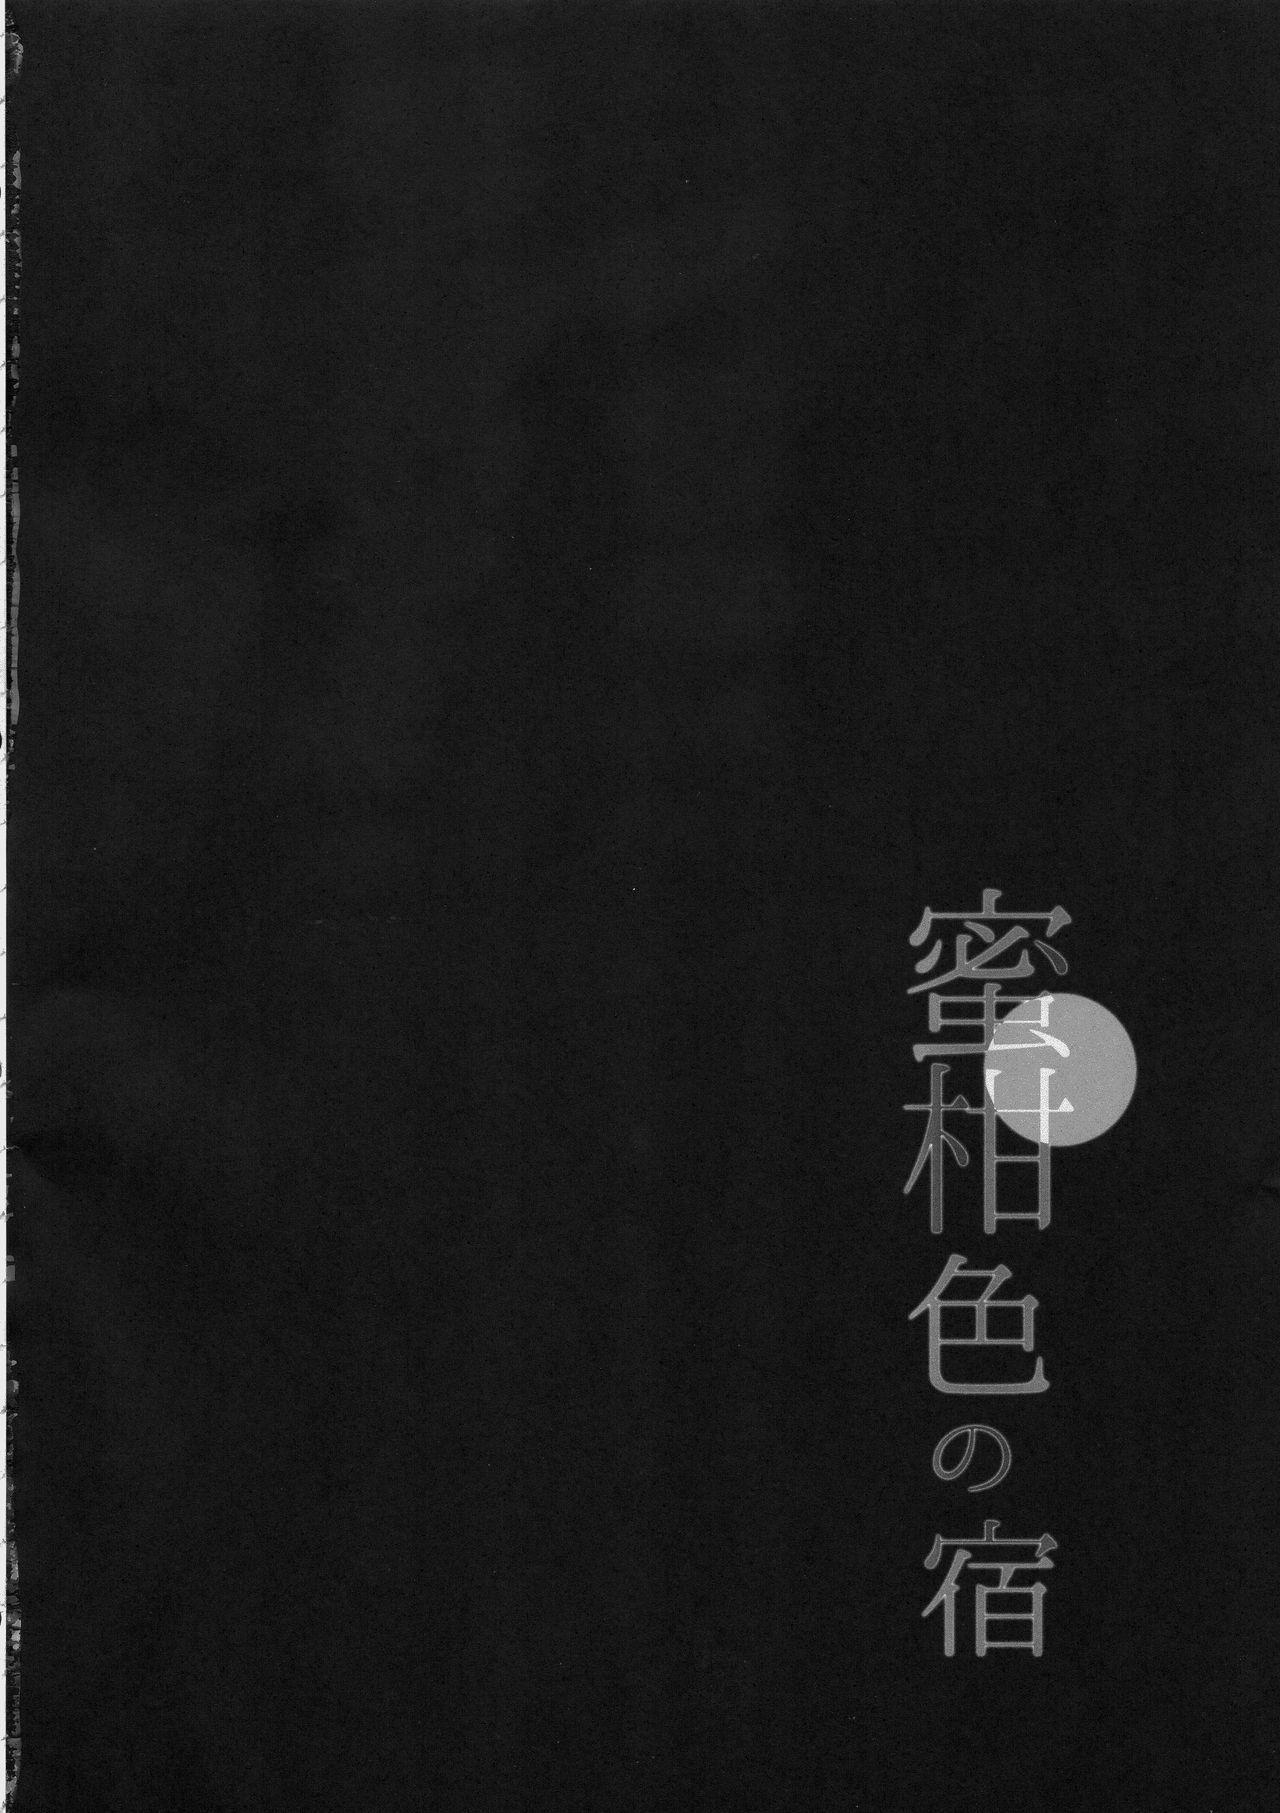 Mikaniro no Yado 3